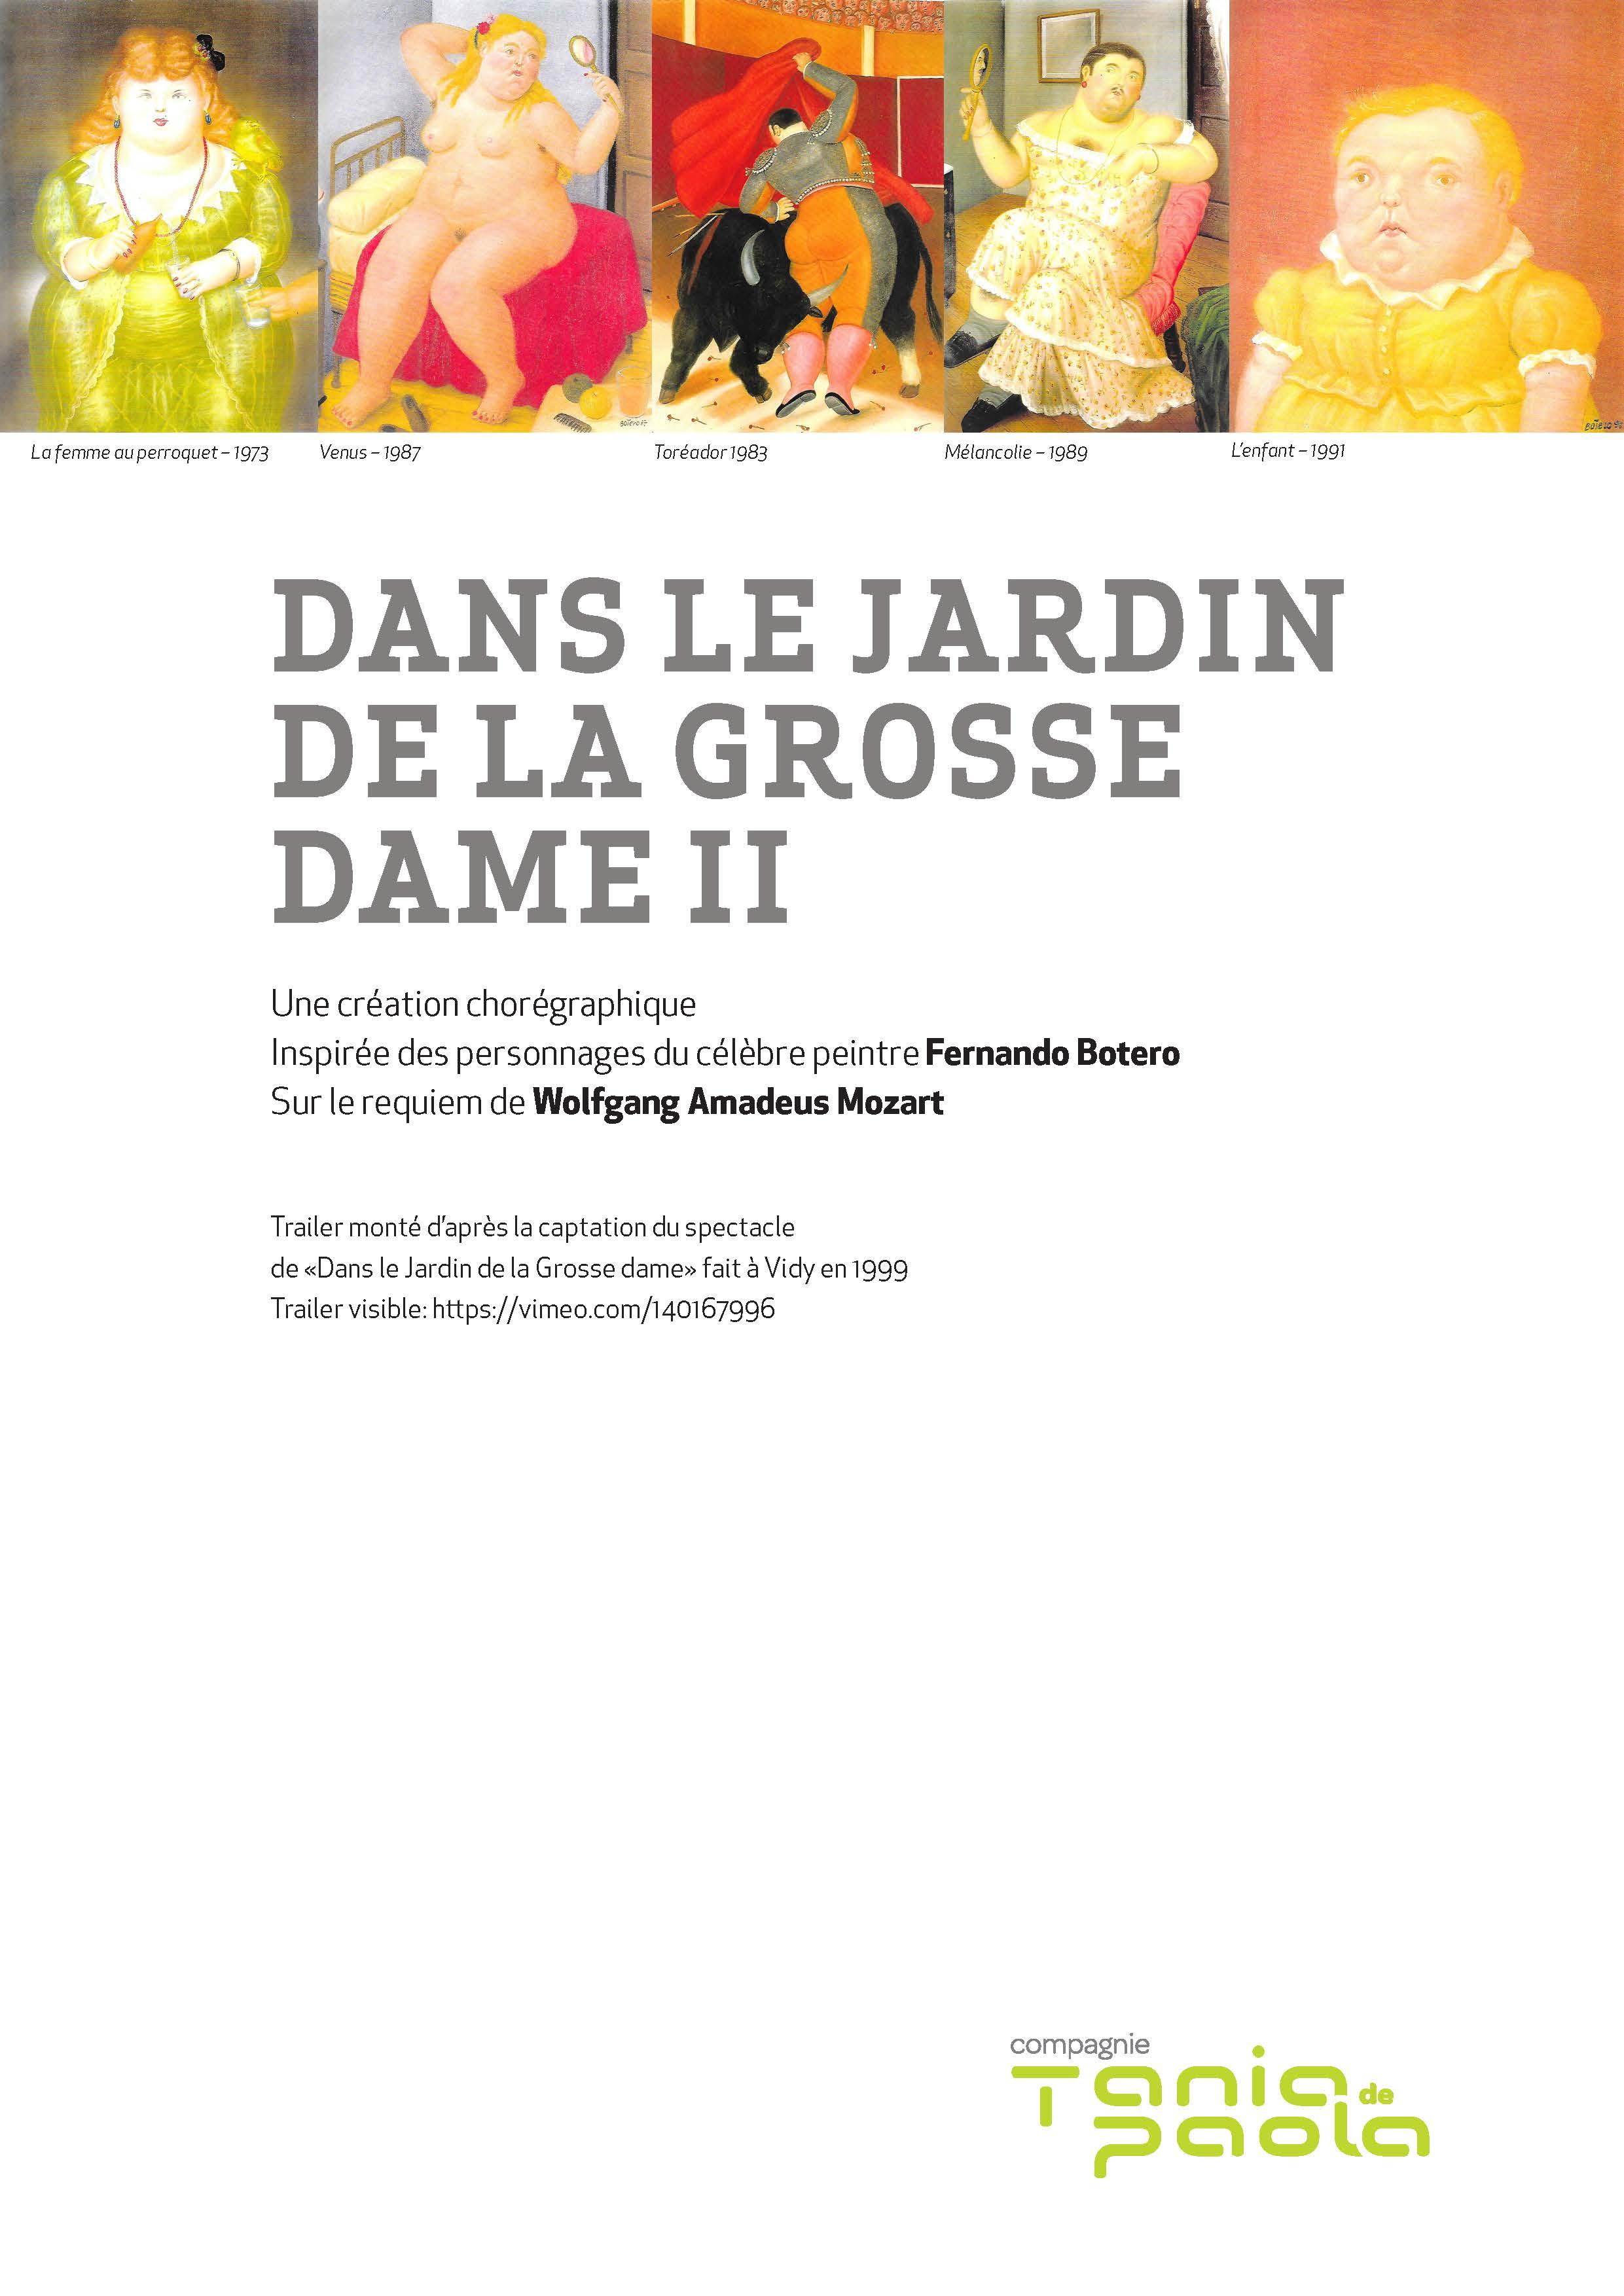 Dossier_Dans le jardin de la grosse dame_dePaola (2)_Page_10.jpg